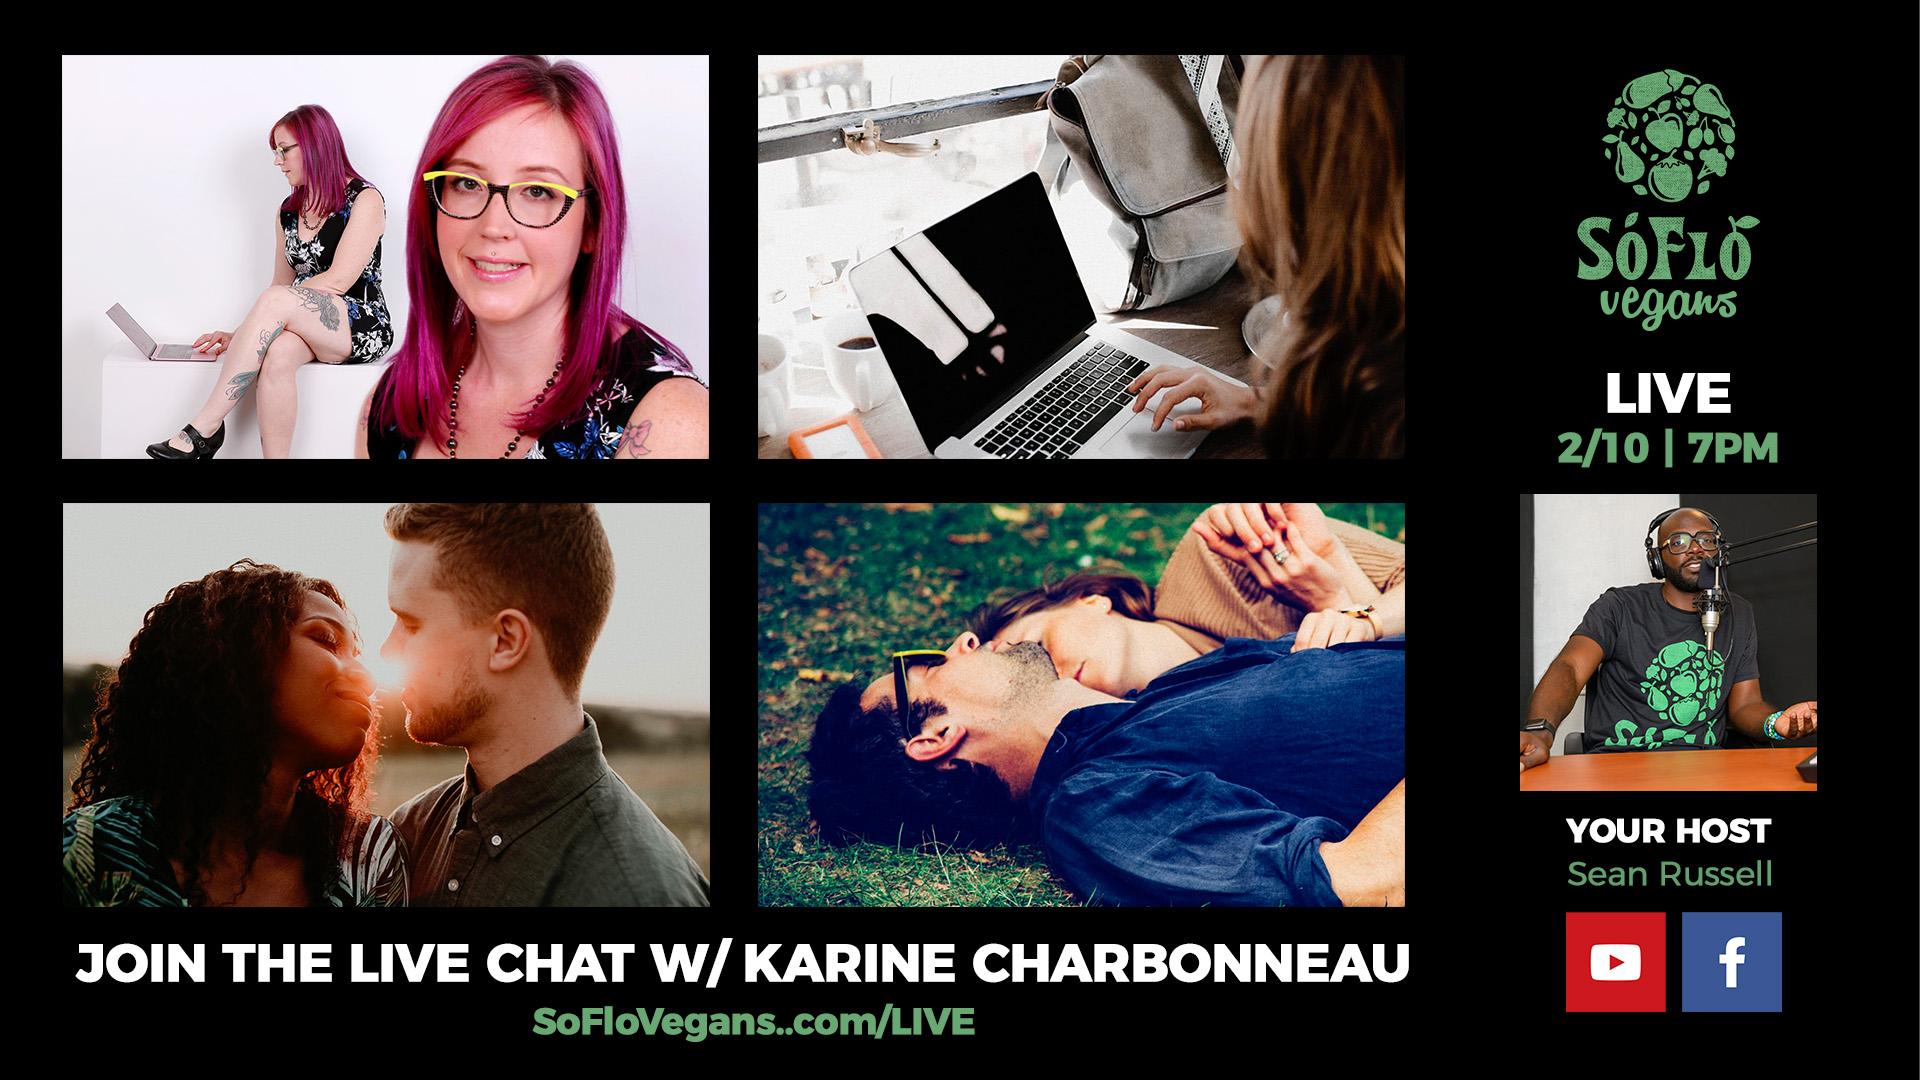 Karine Charbonneau